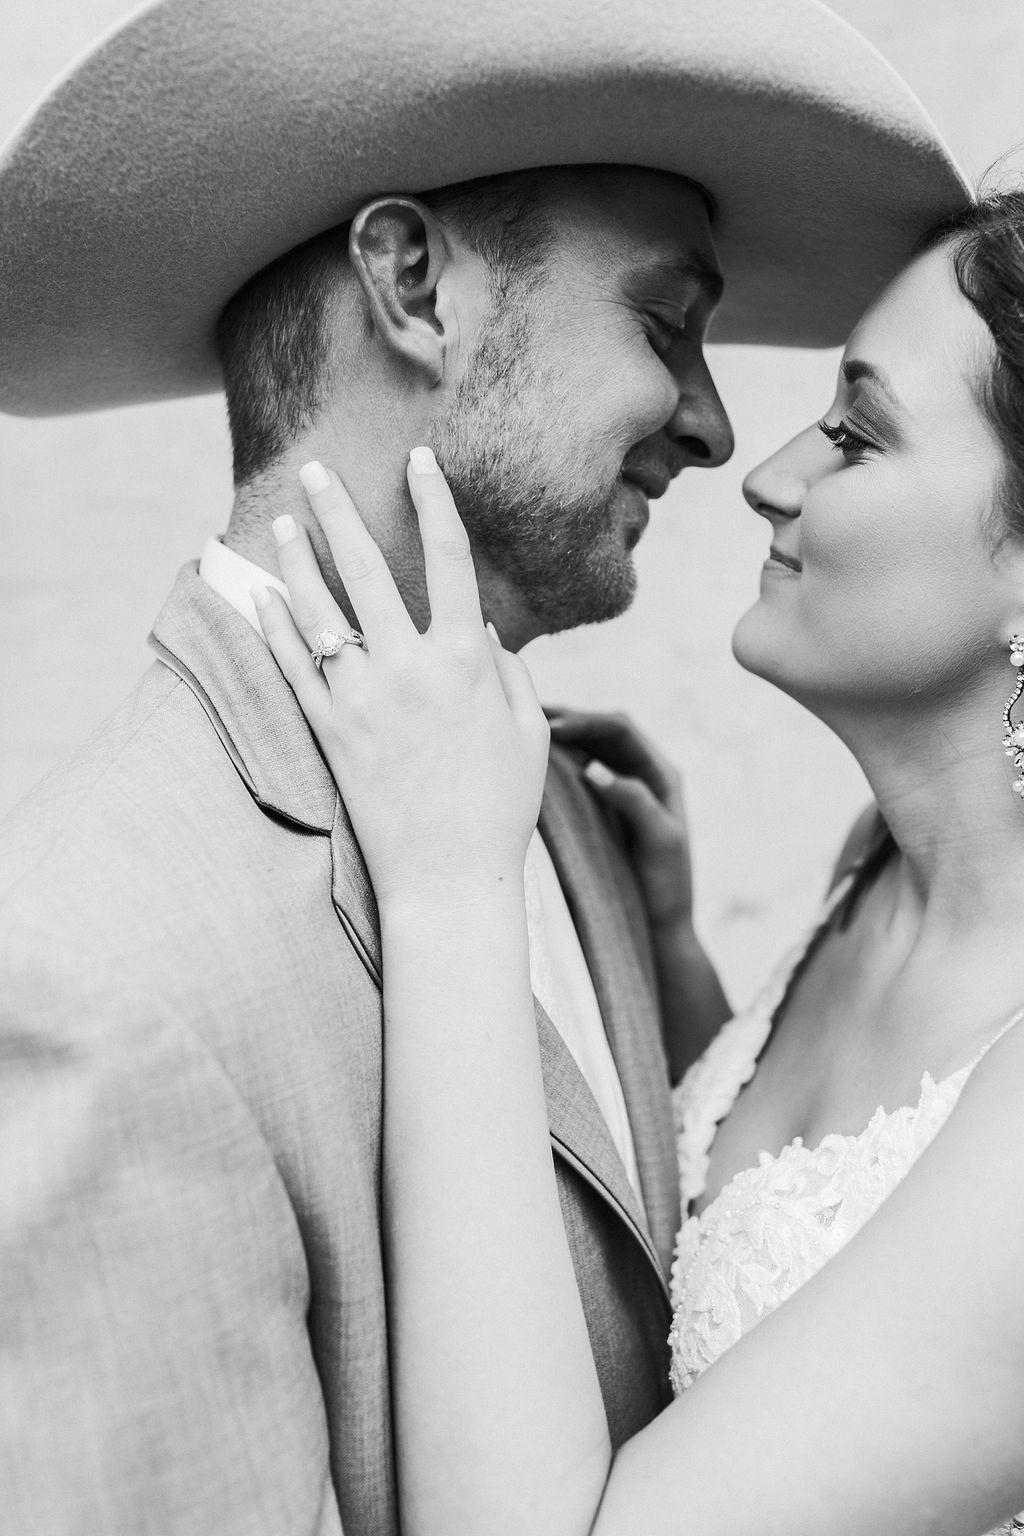 Epoch Co+ Destination wedding planner   First Look Photo Ideas with Groom   Rockin Star Ranch, Brenham Wedding Venue   Velvet + Wire Photography   Austin Wedding Planner   Black + White Image